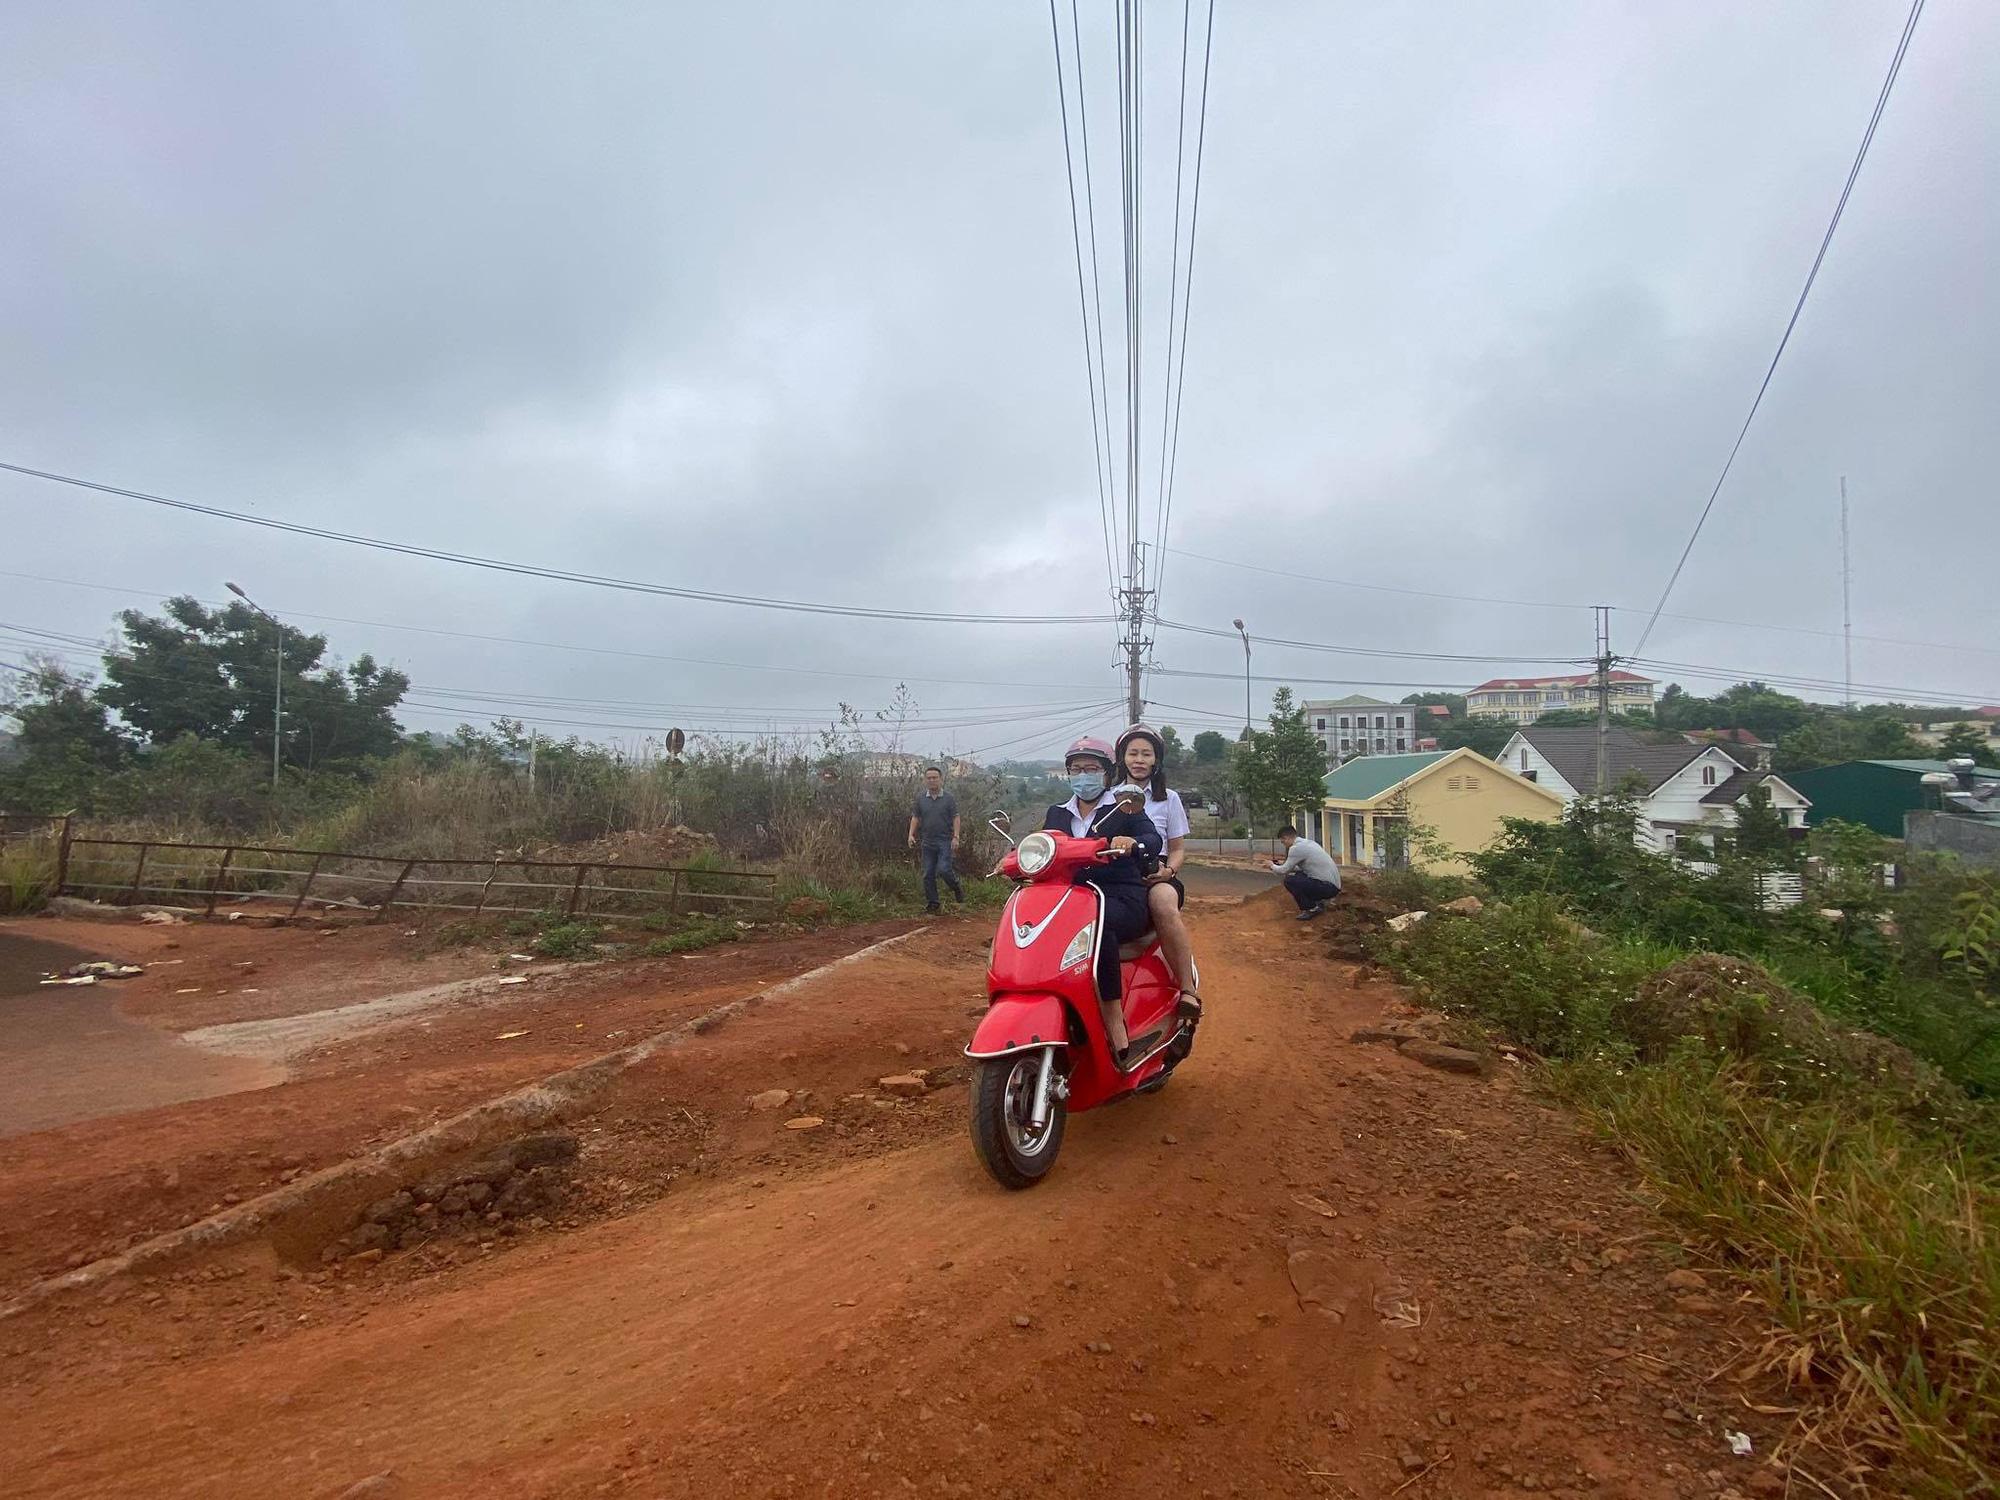 Gần 230 tỷ đồng xây dựng khu dân cư dọc tuyến đường sụt lún ở Đắk Nông? - Ảnh 3.